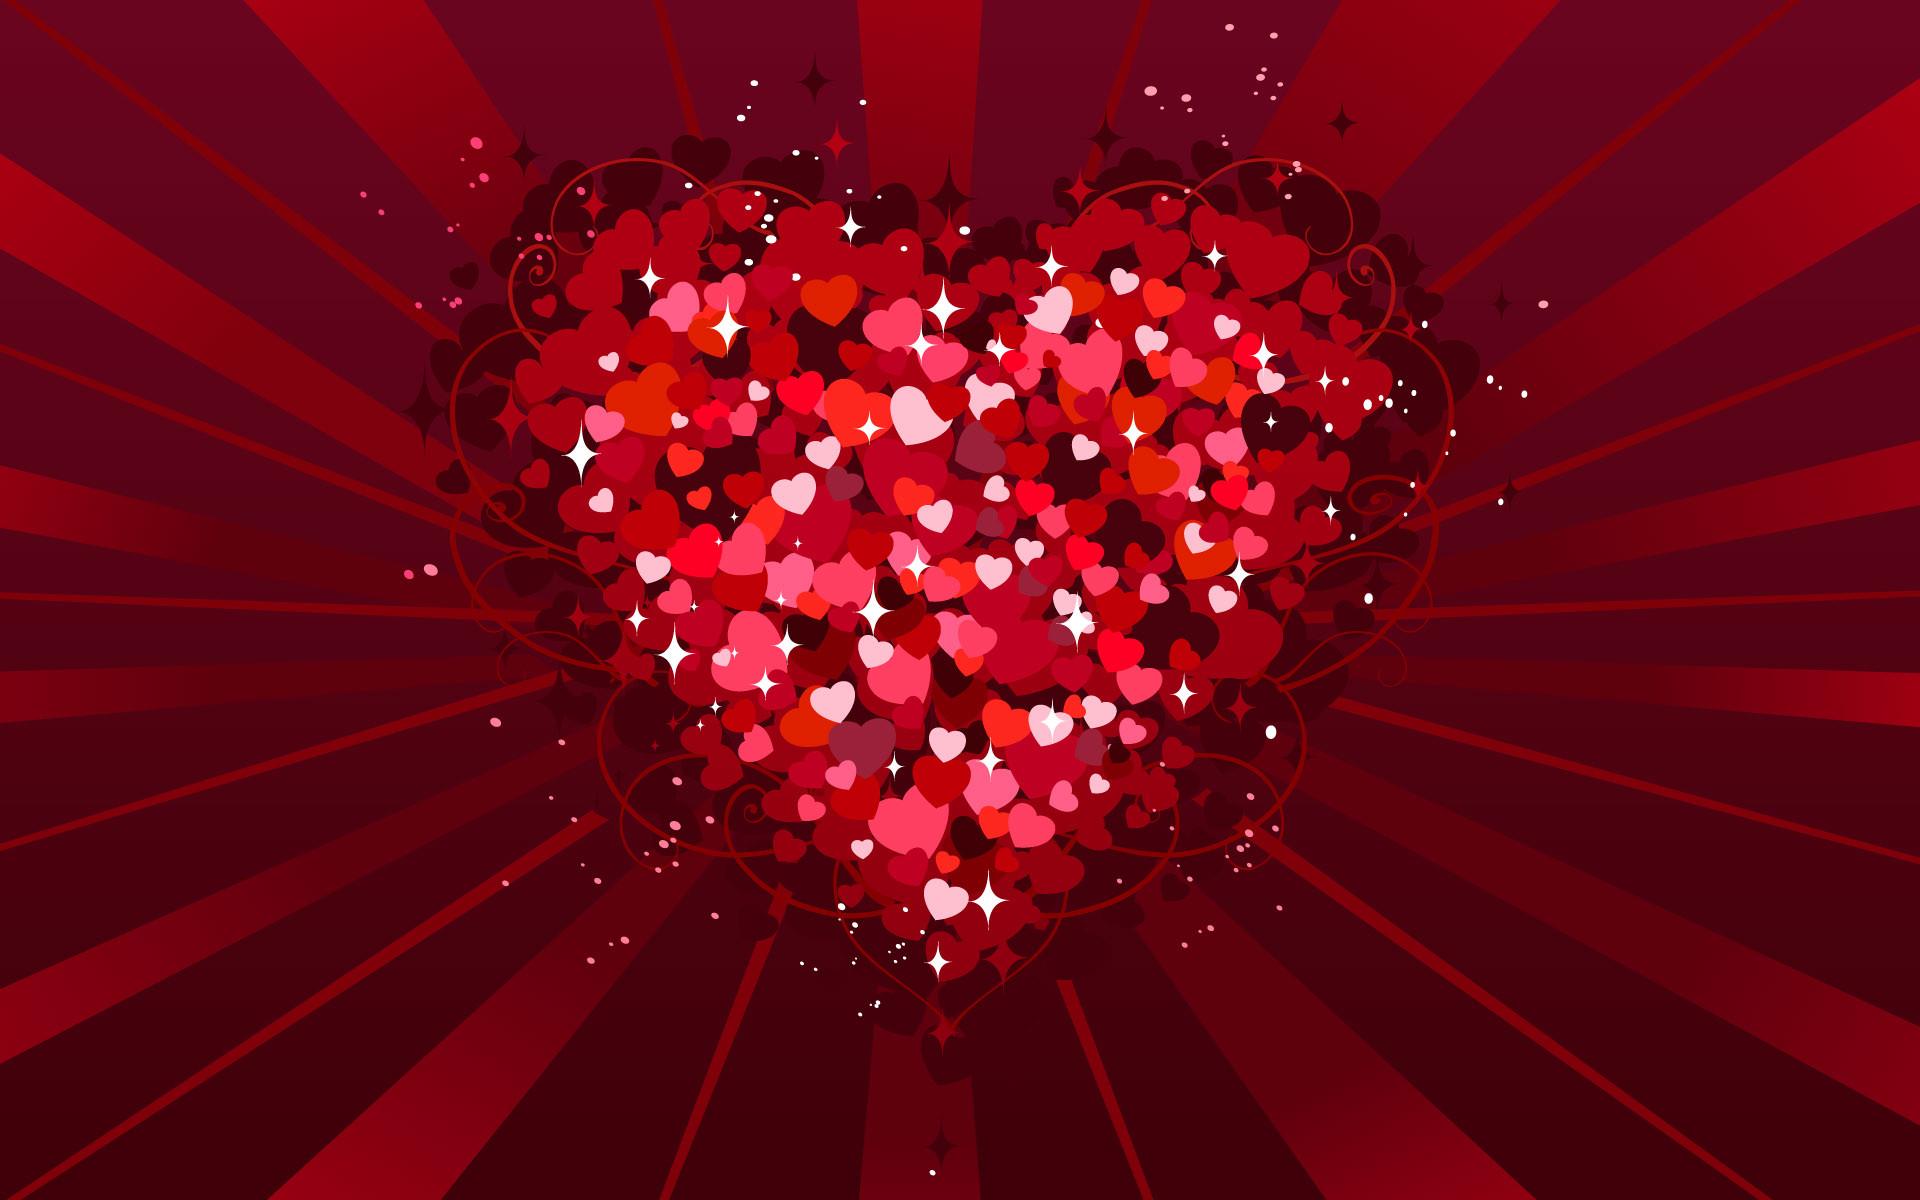 4K Little Hearts